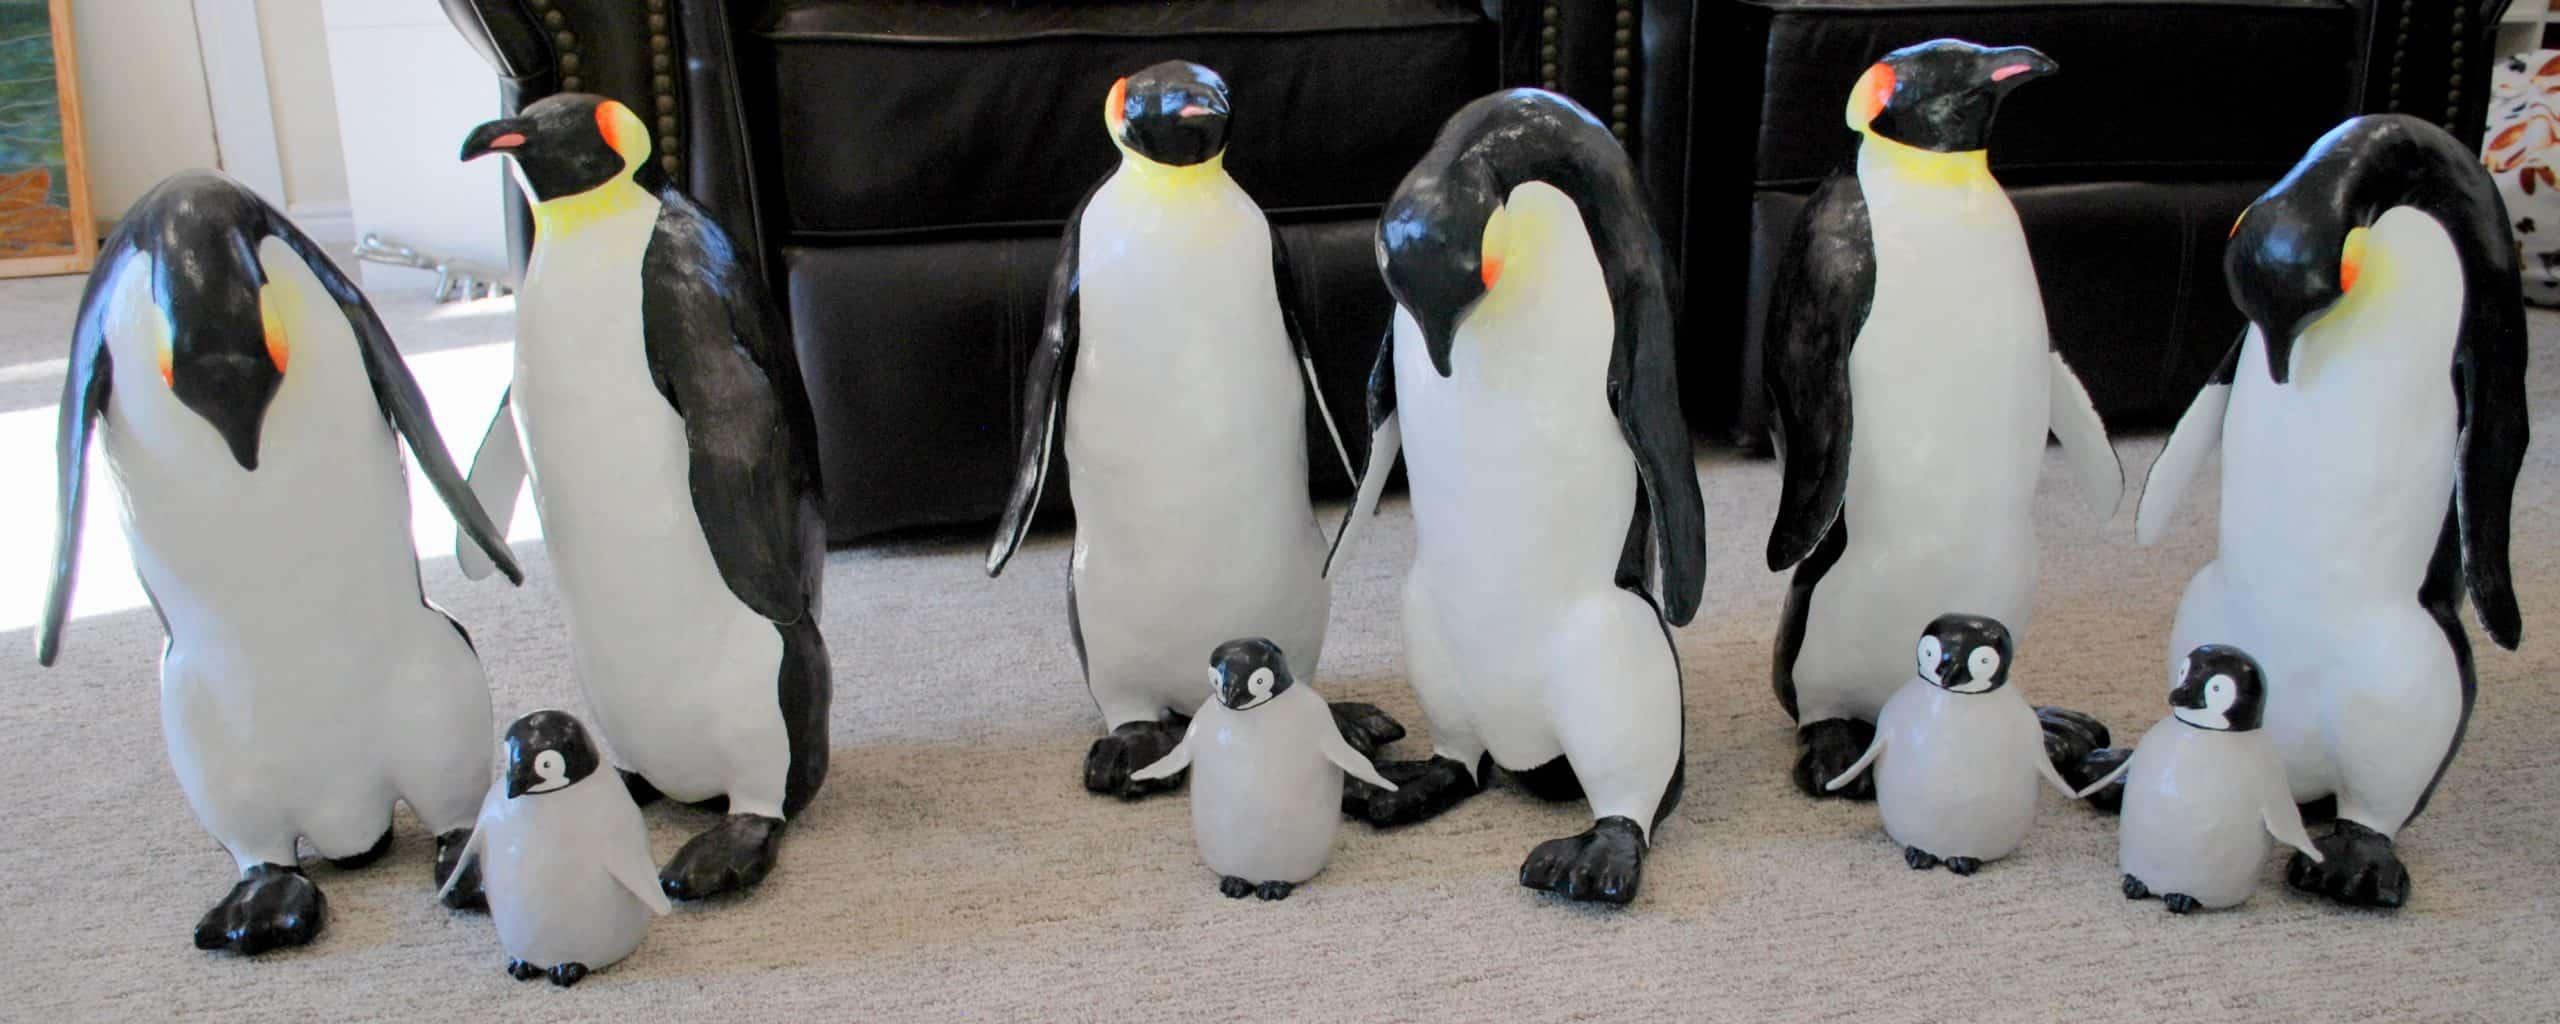 Paper Mache penguins